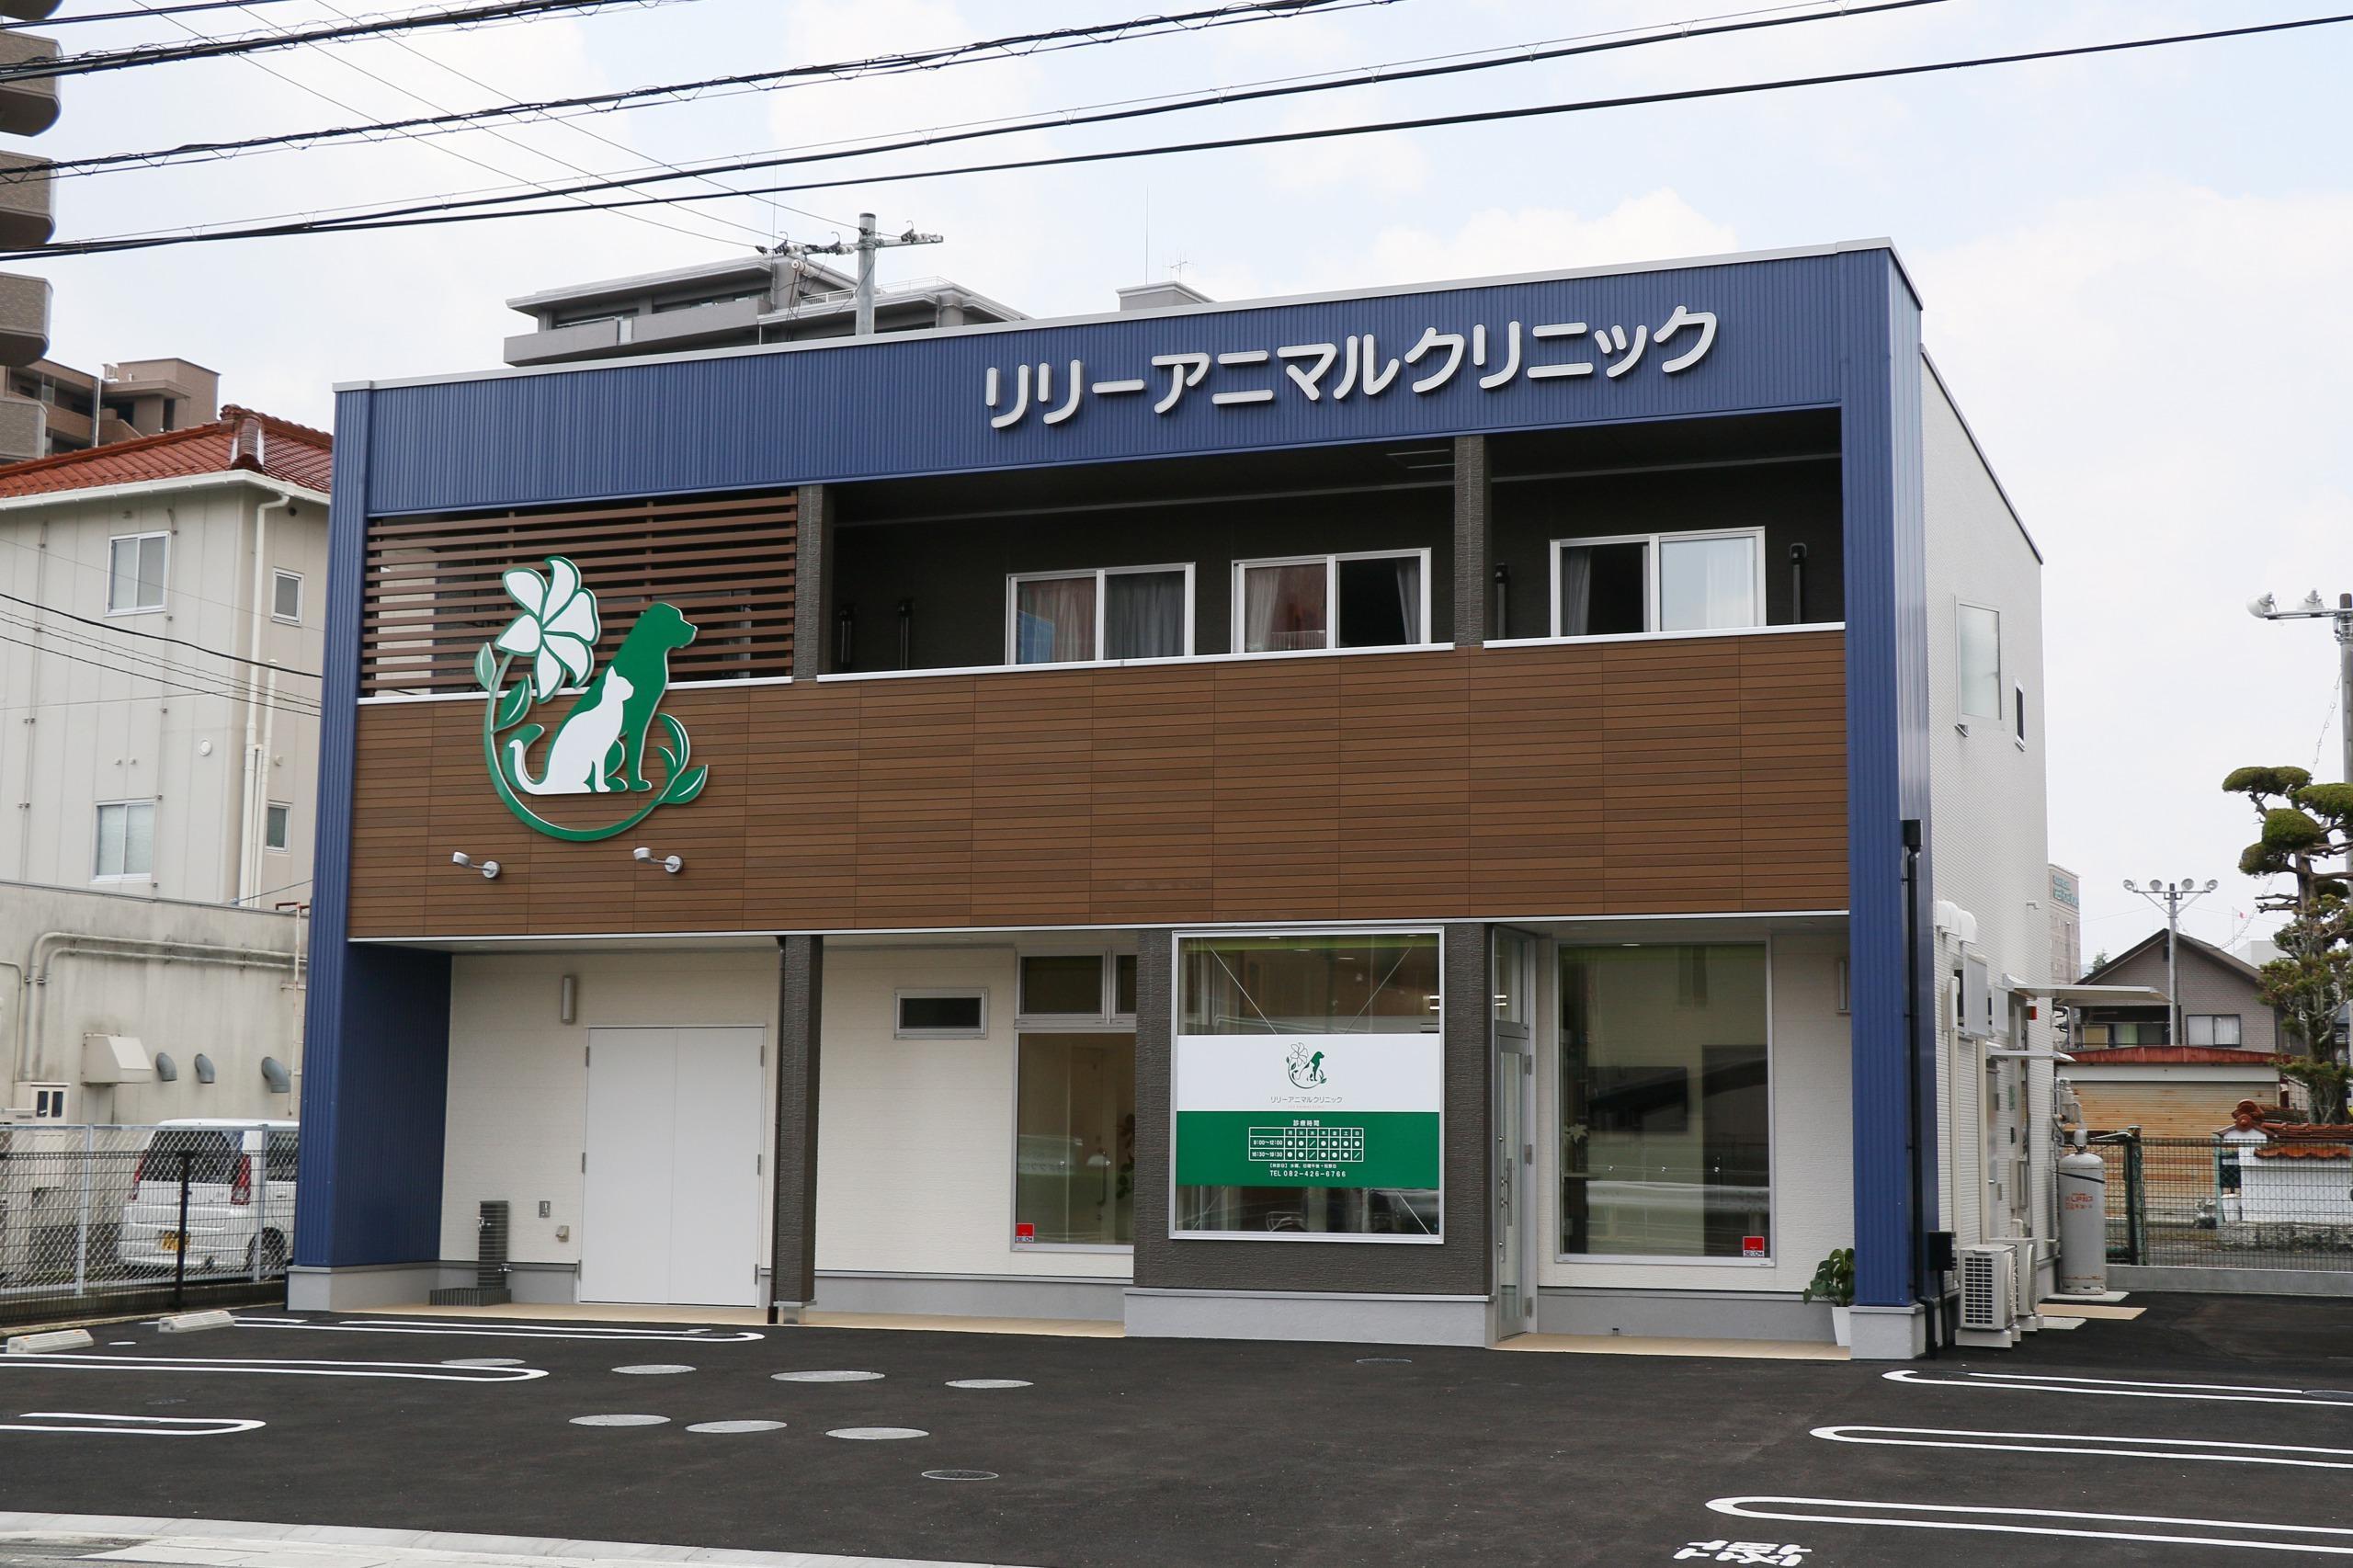 東広島市の動物病院。動物看護師を募集しています。